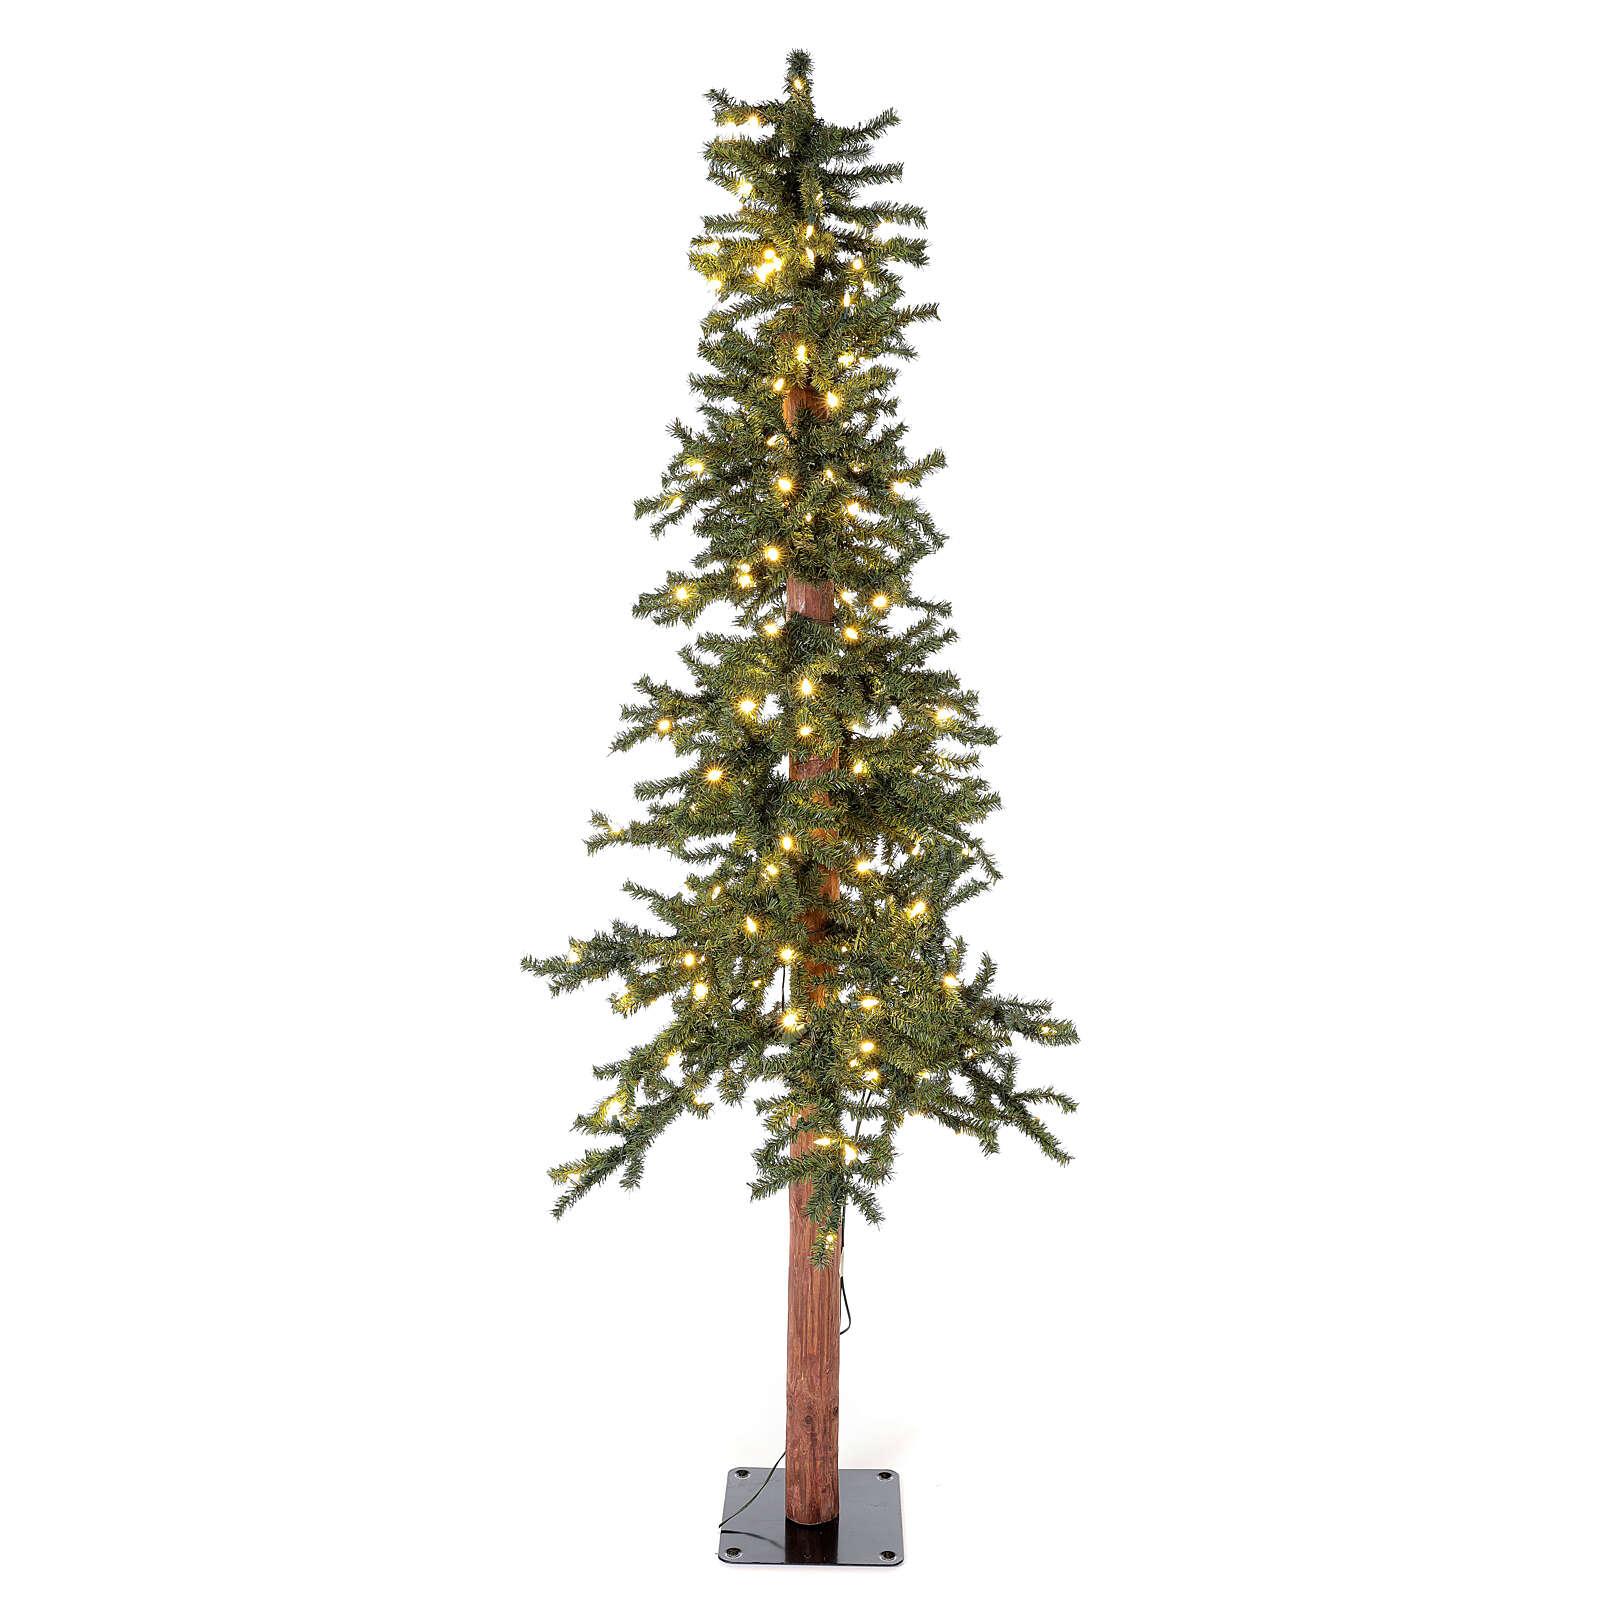 STOCK Sapin de Noël 210 cm Slim Forest 300 lumières LED blanc chaud extérieur 3